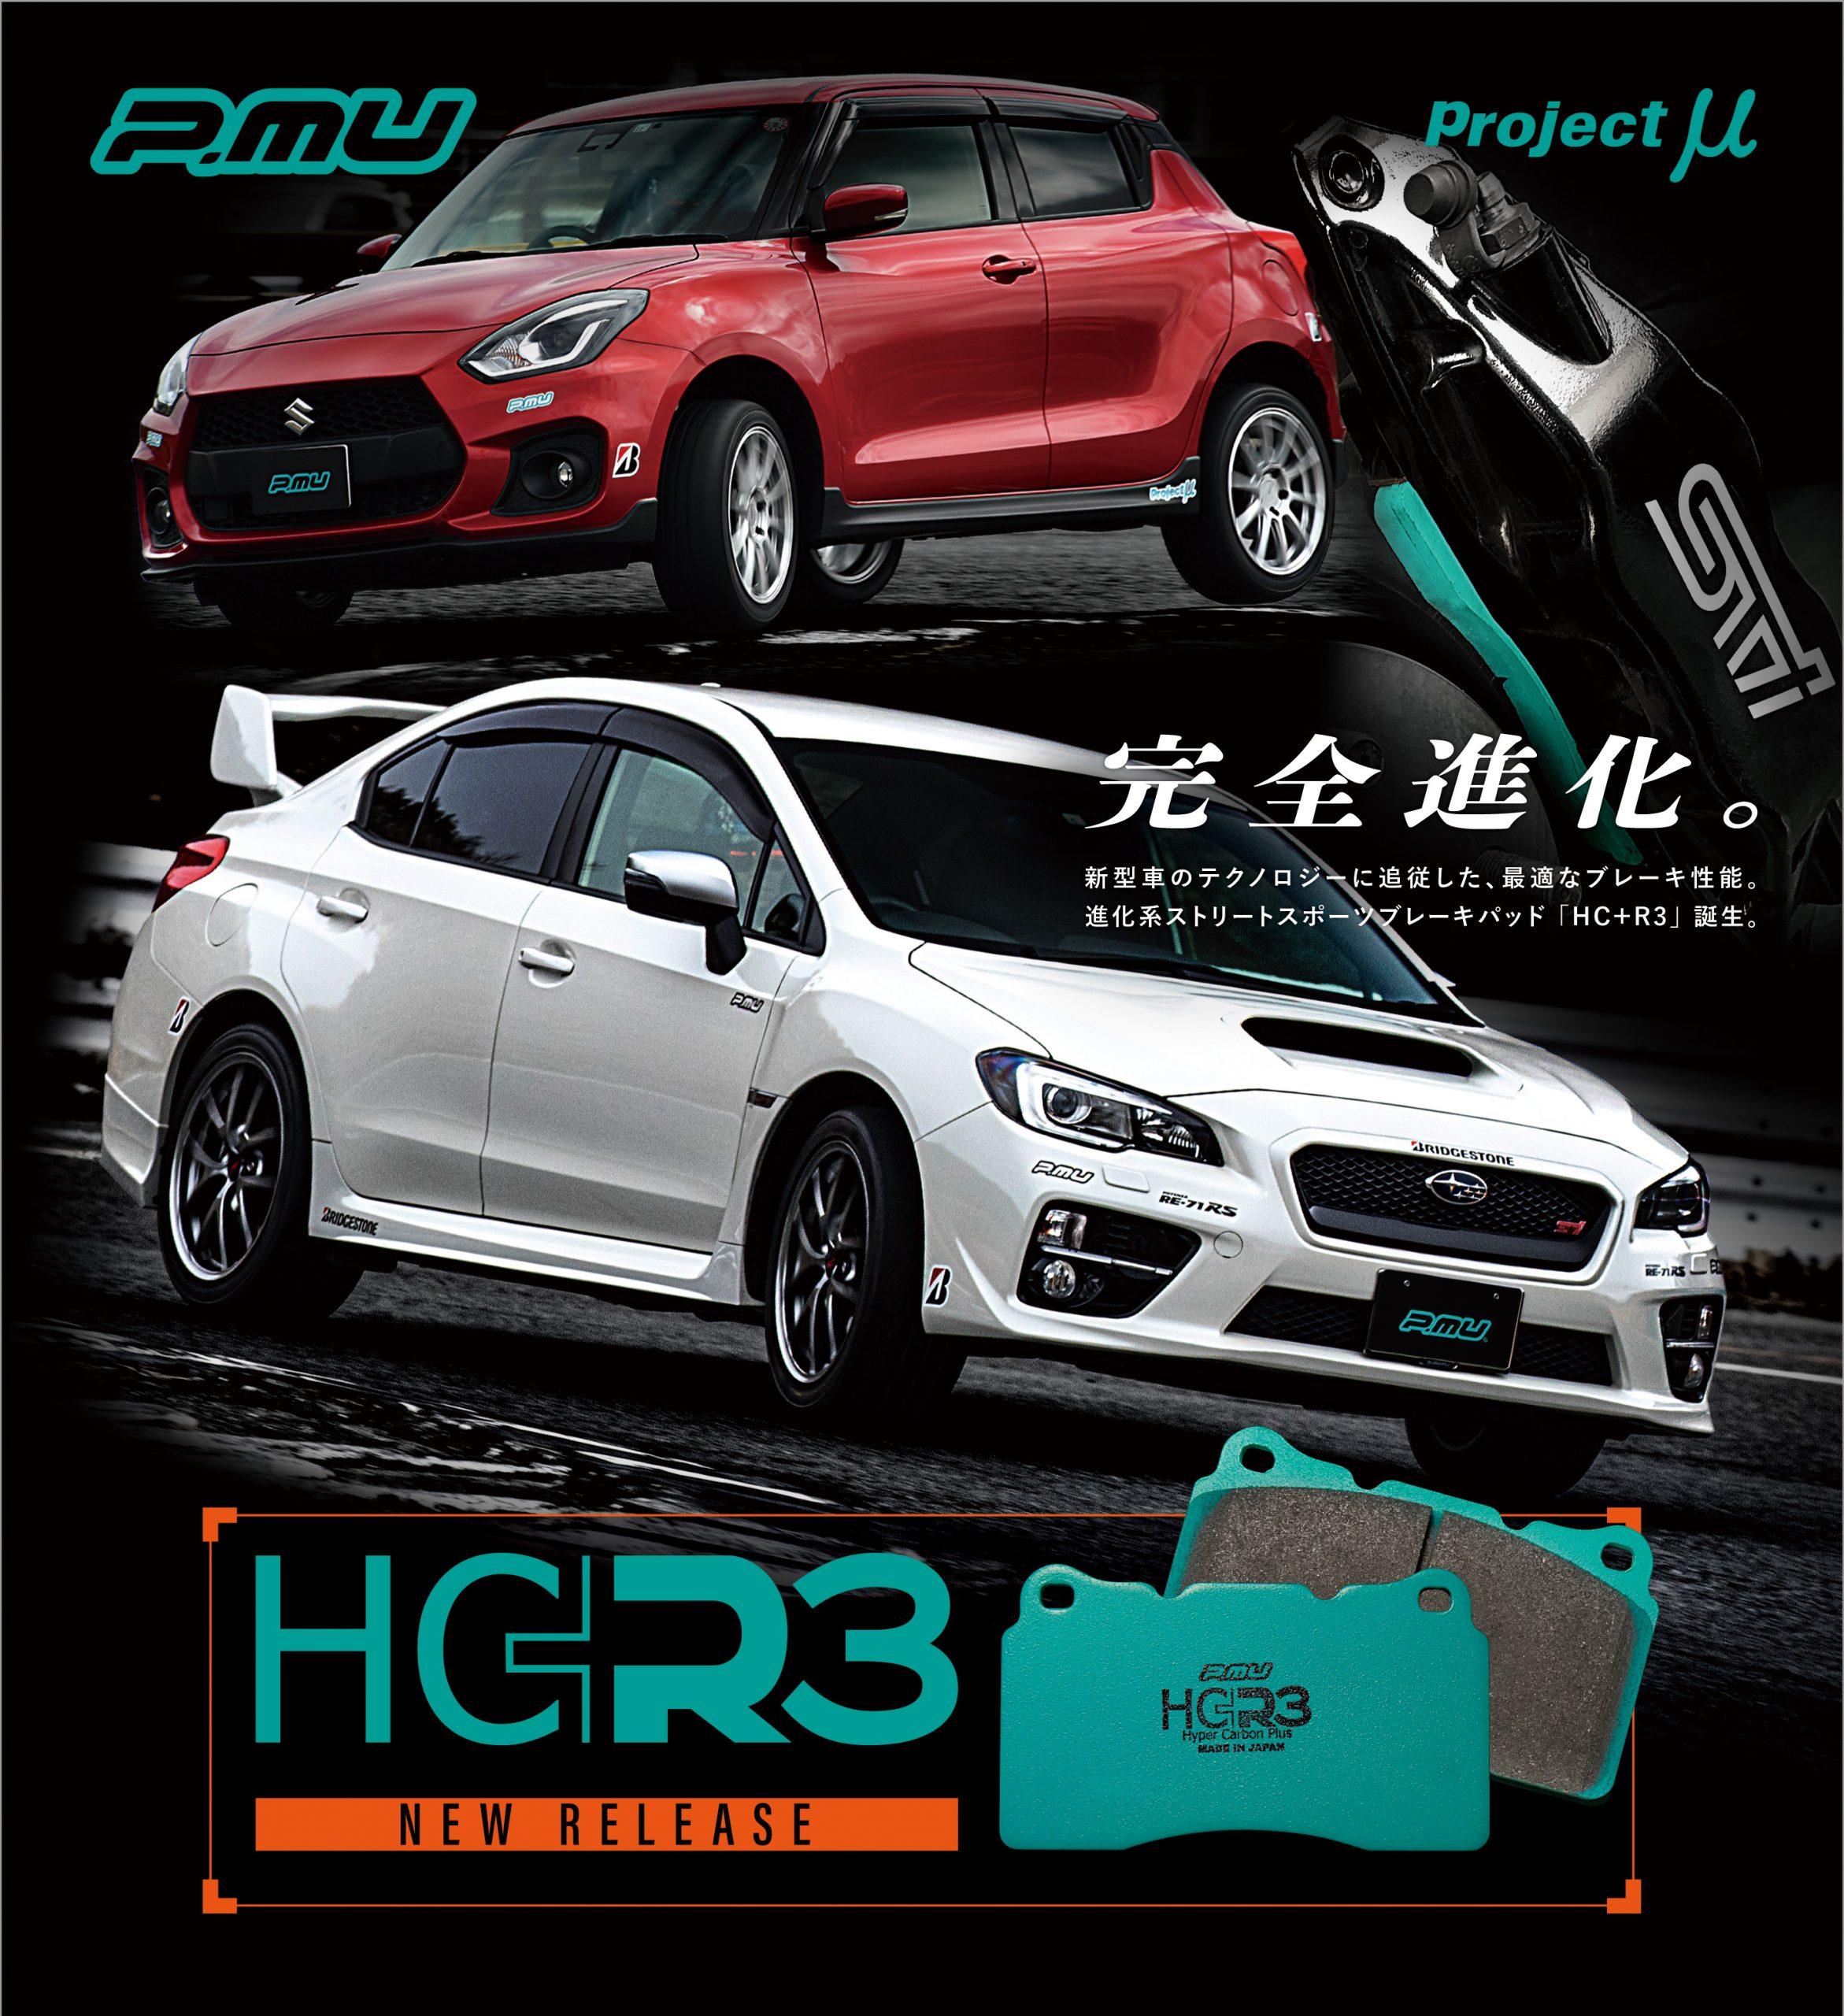 プロジェクト・ミューの新ブレーキパッド『HC+R3』は最新車両の電子デバイスやABS介入に配慮して開発